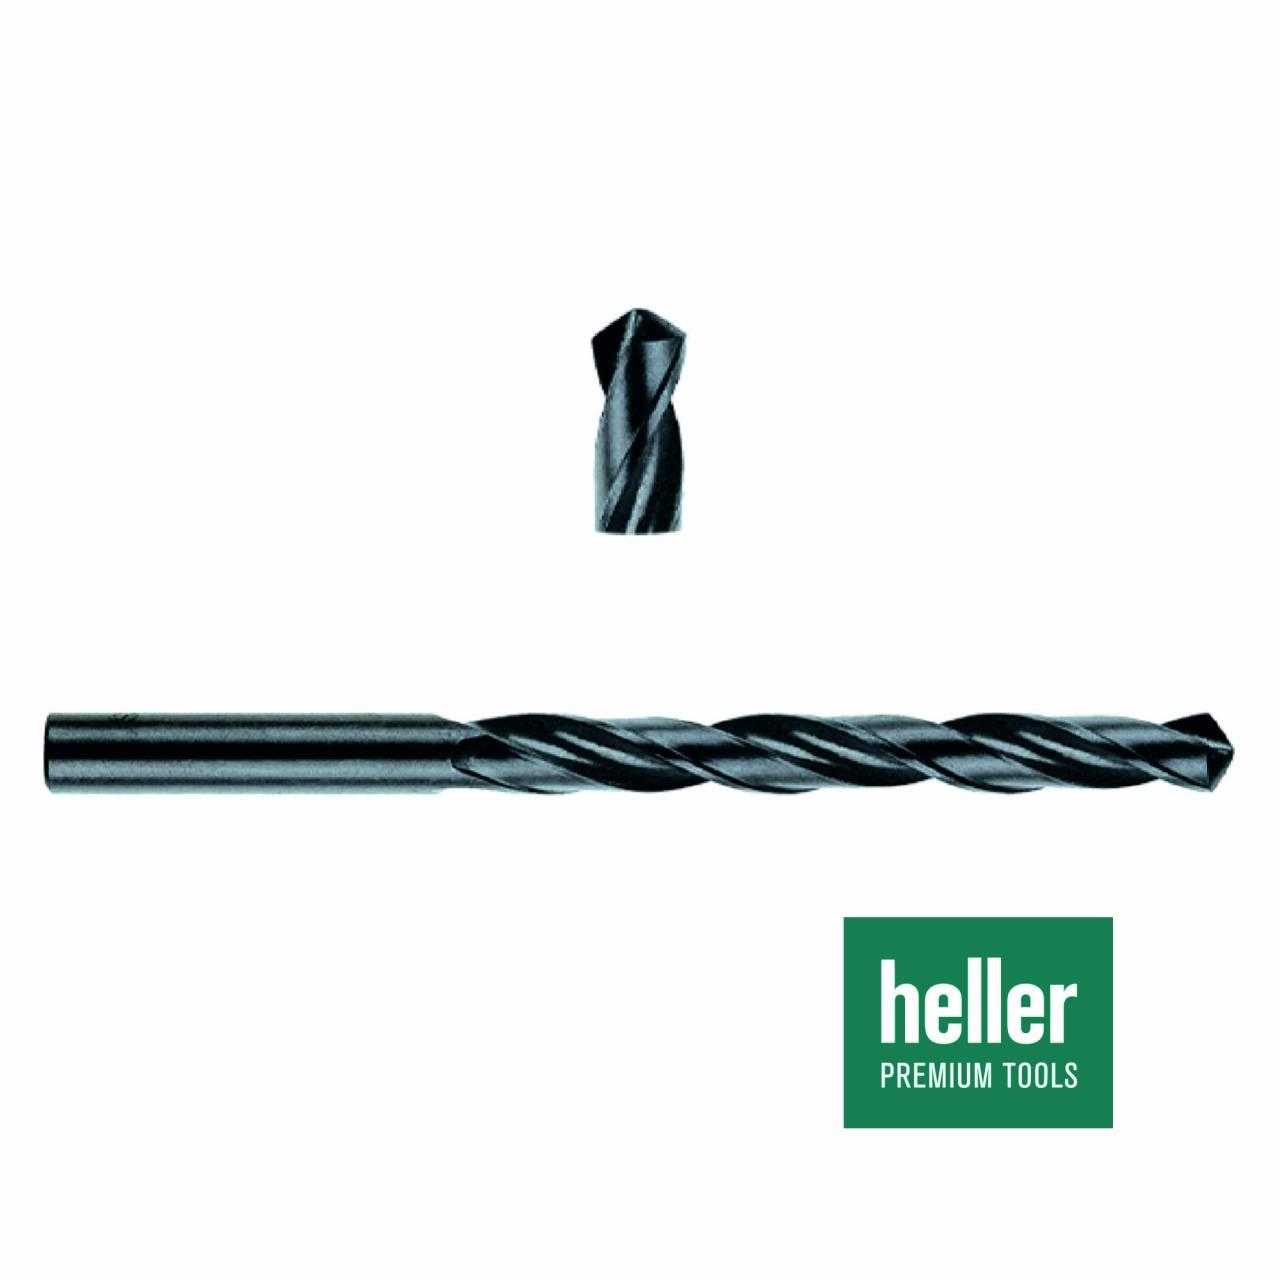 Stahlbohrer HSS-R 'Heller®' Ø 1,5 x 18 x 40 mm / Pck a 3 Stück